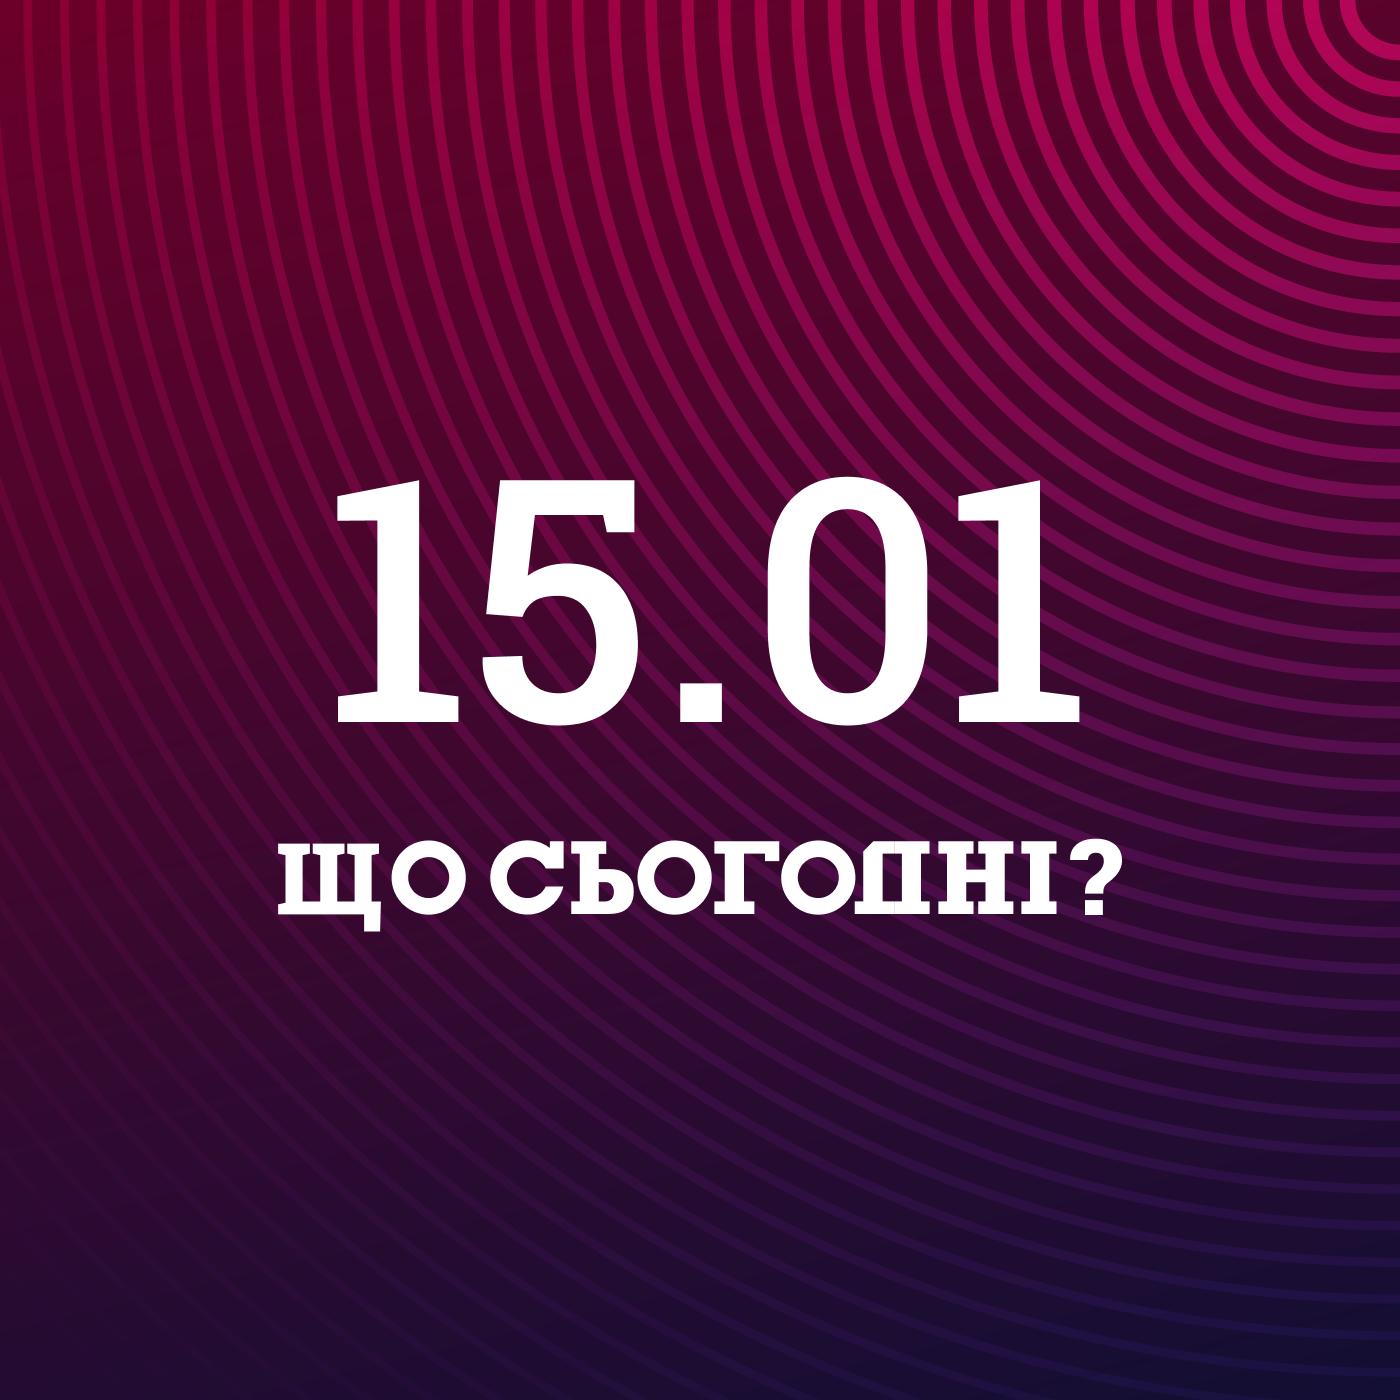 Що сьогодні: морозний локдаун, обслуговування українською, туризм у 2021